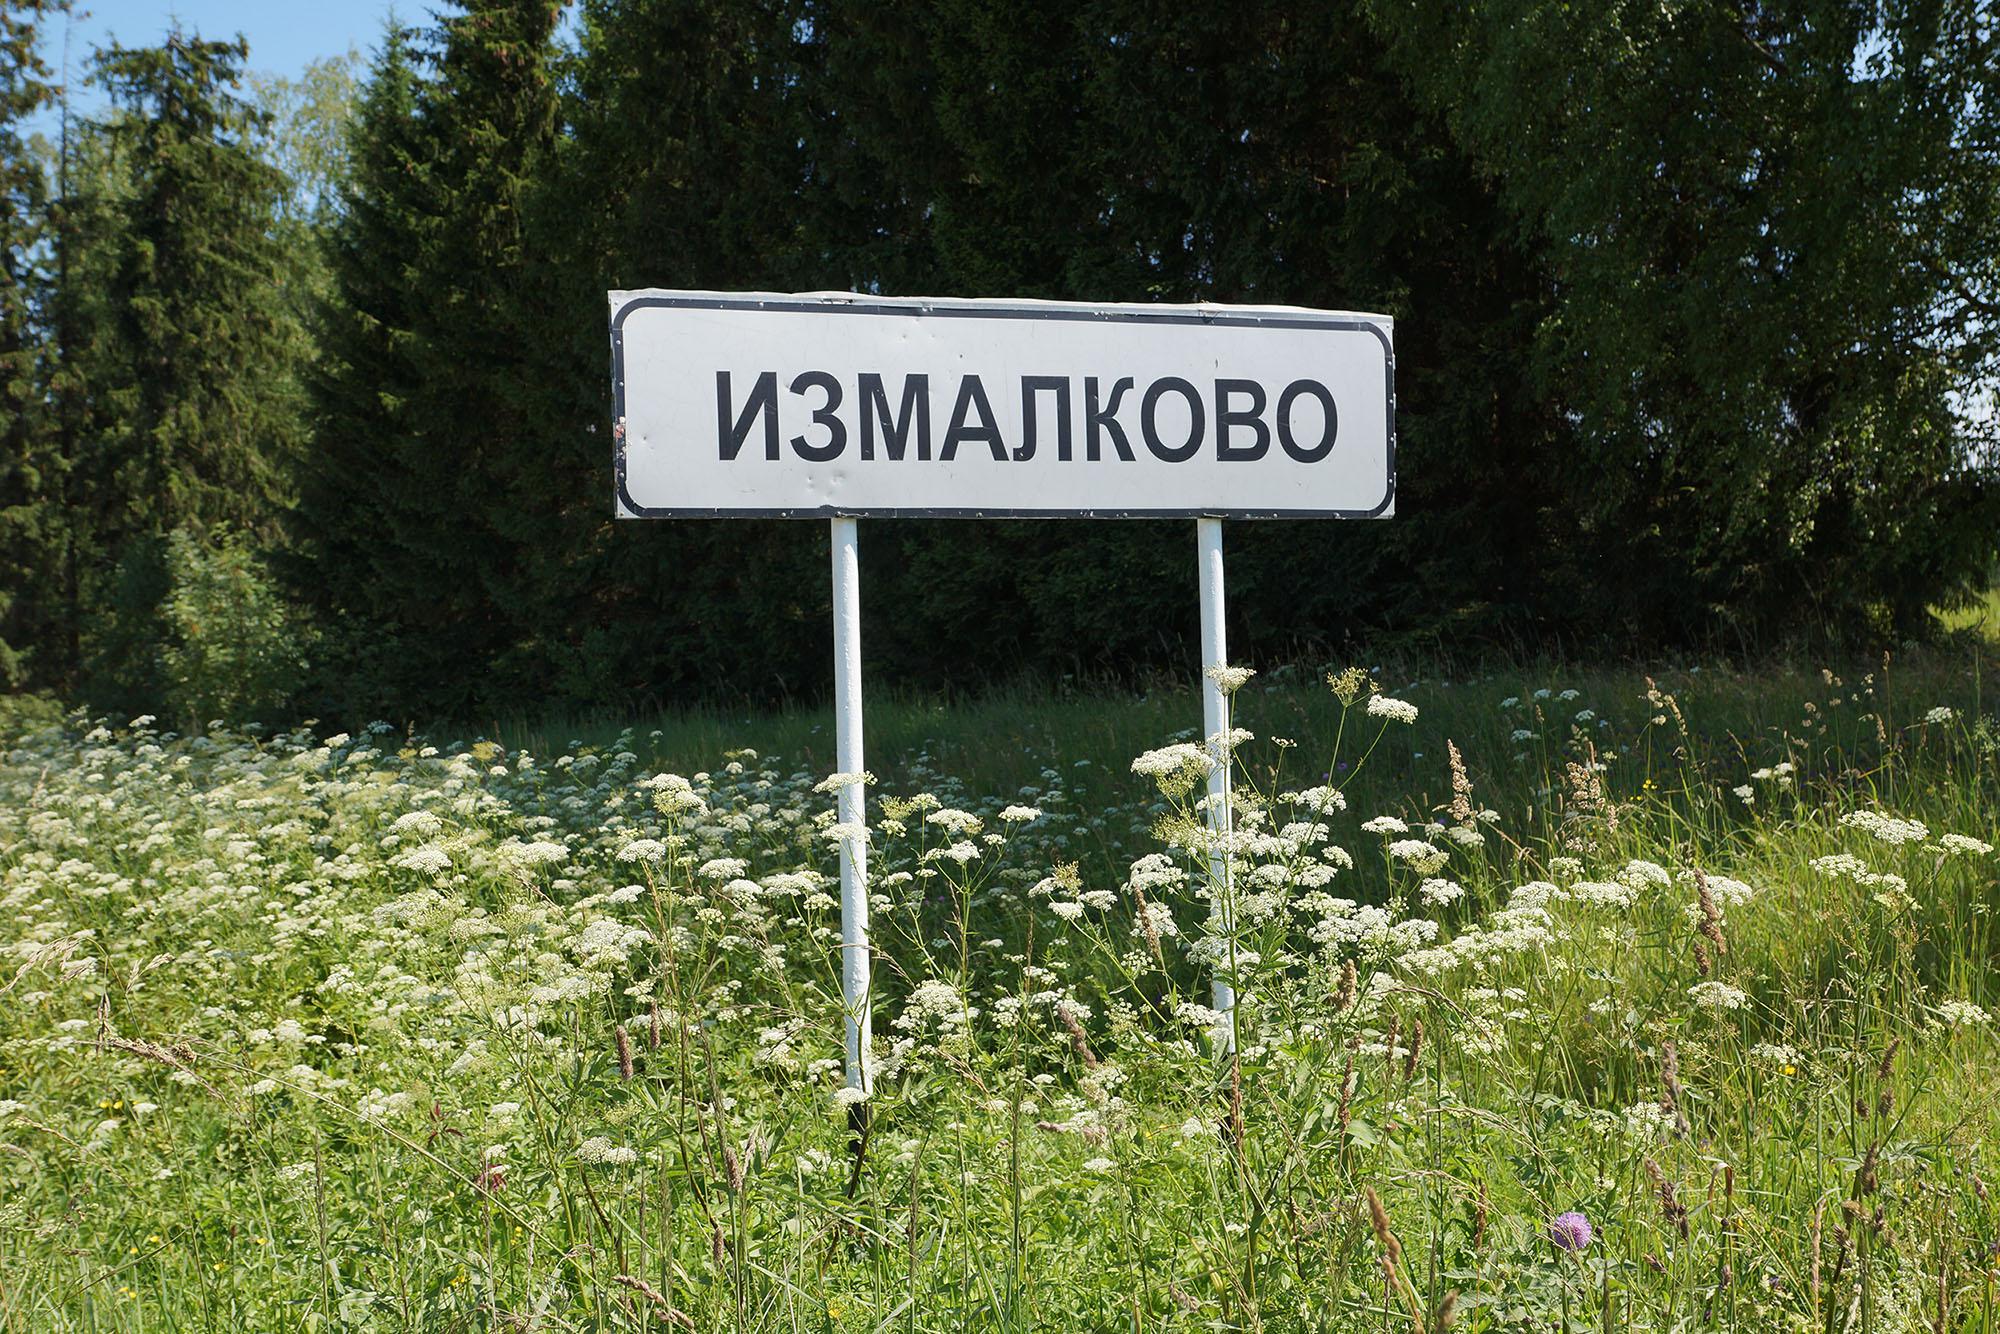 Измалково, Бежаницкий район, Псковская область.